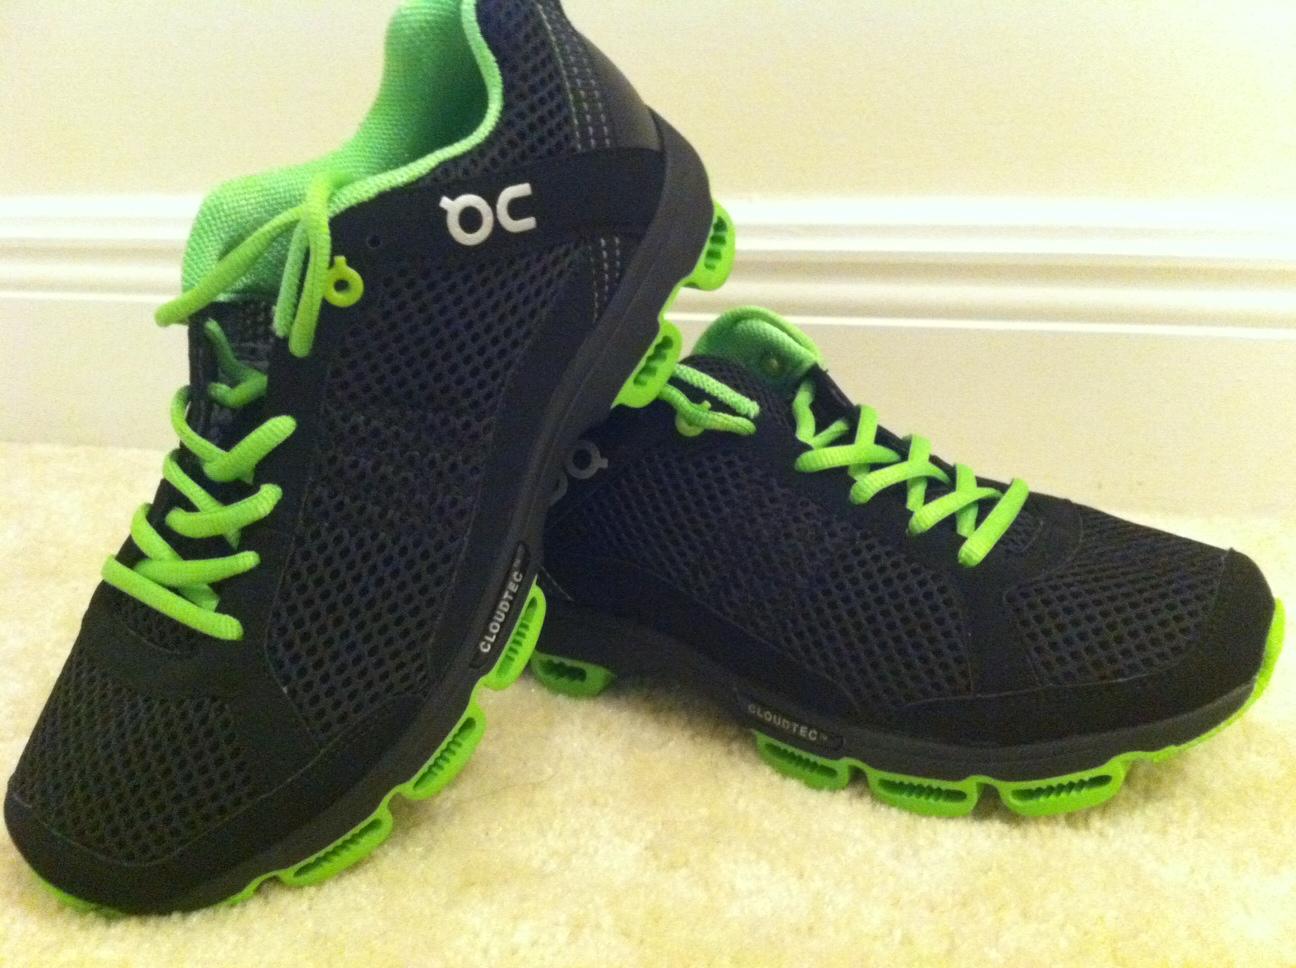 Running shoe review: On-Running CloudSurfer | NOLA.com